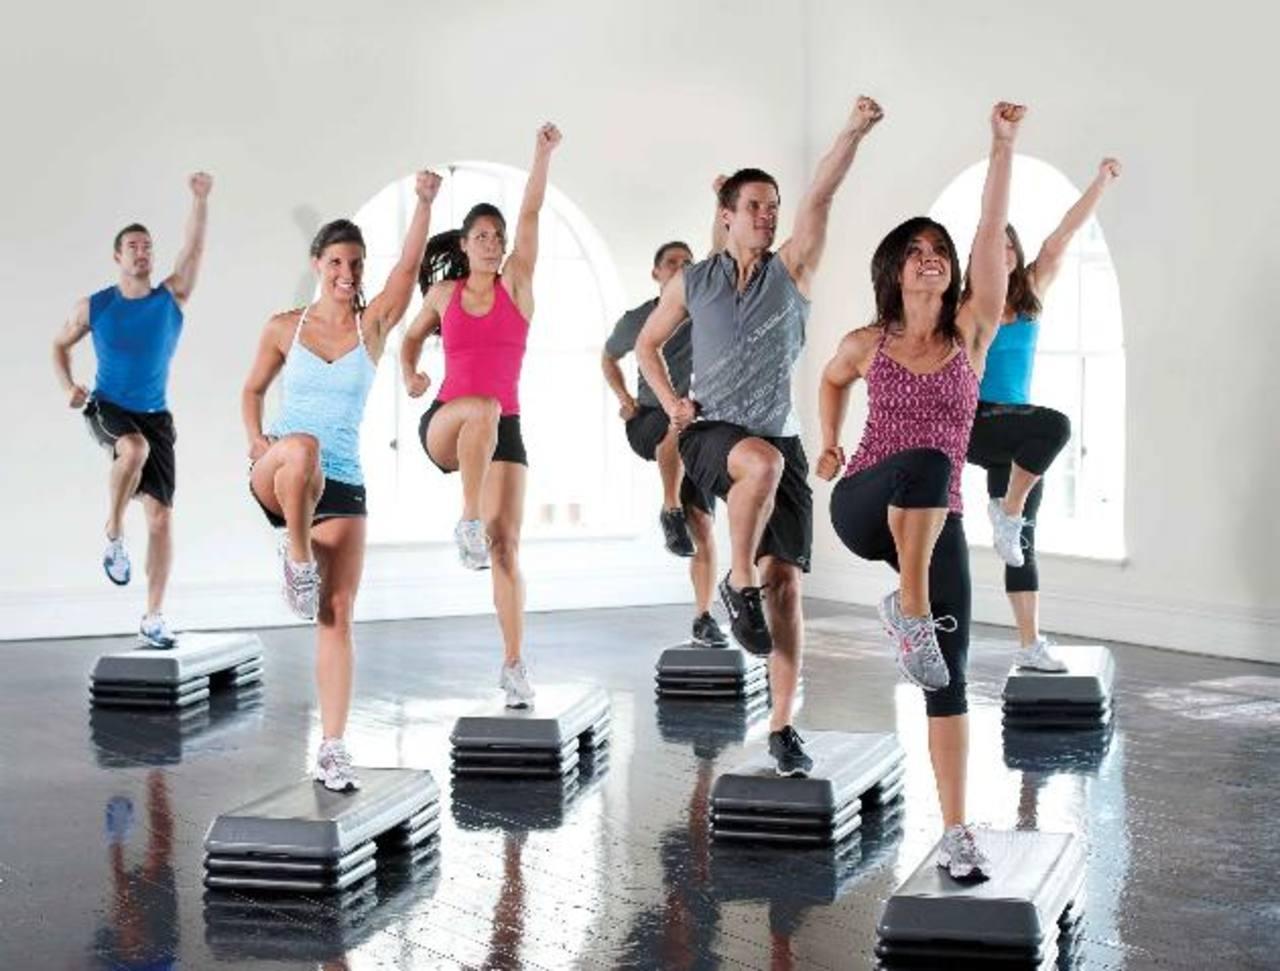 Los carbohidratos de lenta absorción ayudan a mantener los niveles de glucosa durante el ejercicio y a reemplazar el glucógeno del músculo.